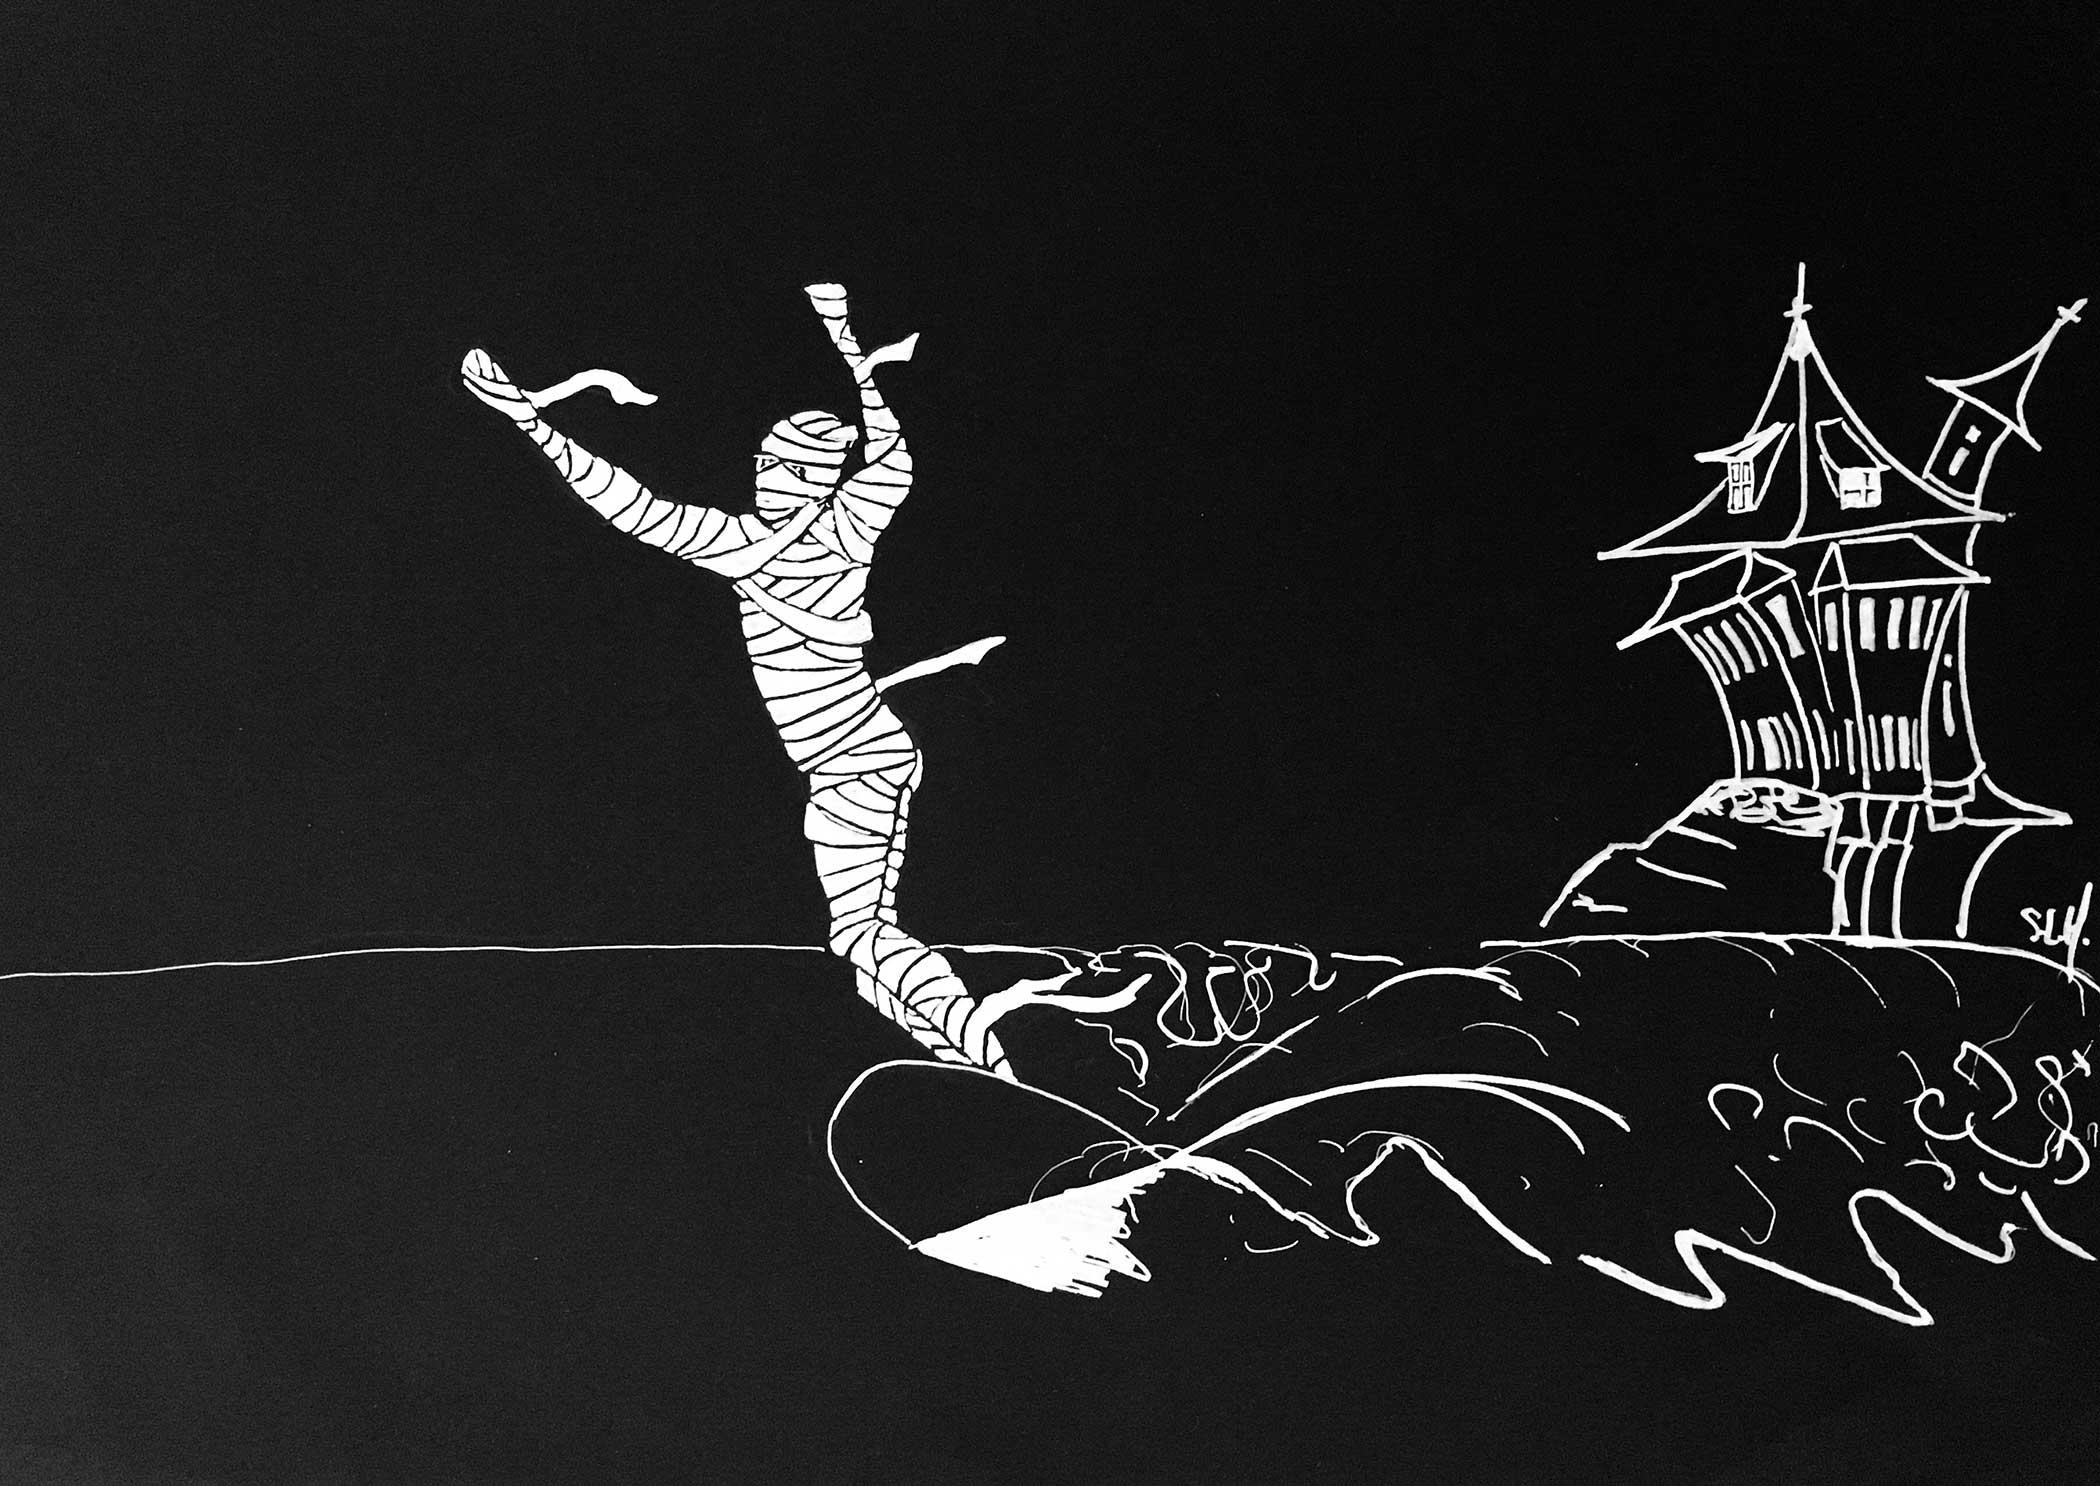 La Momie Crayon Posca blanc (peinture acrylique à base d'eau) sur papier noir A3 (29,7cm x 42cm) 2017